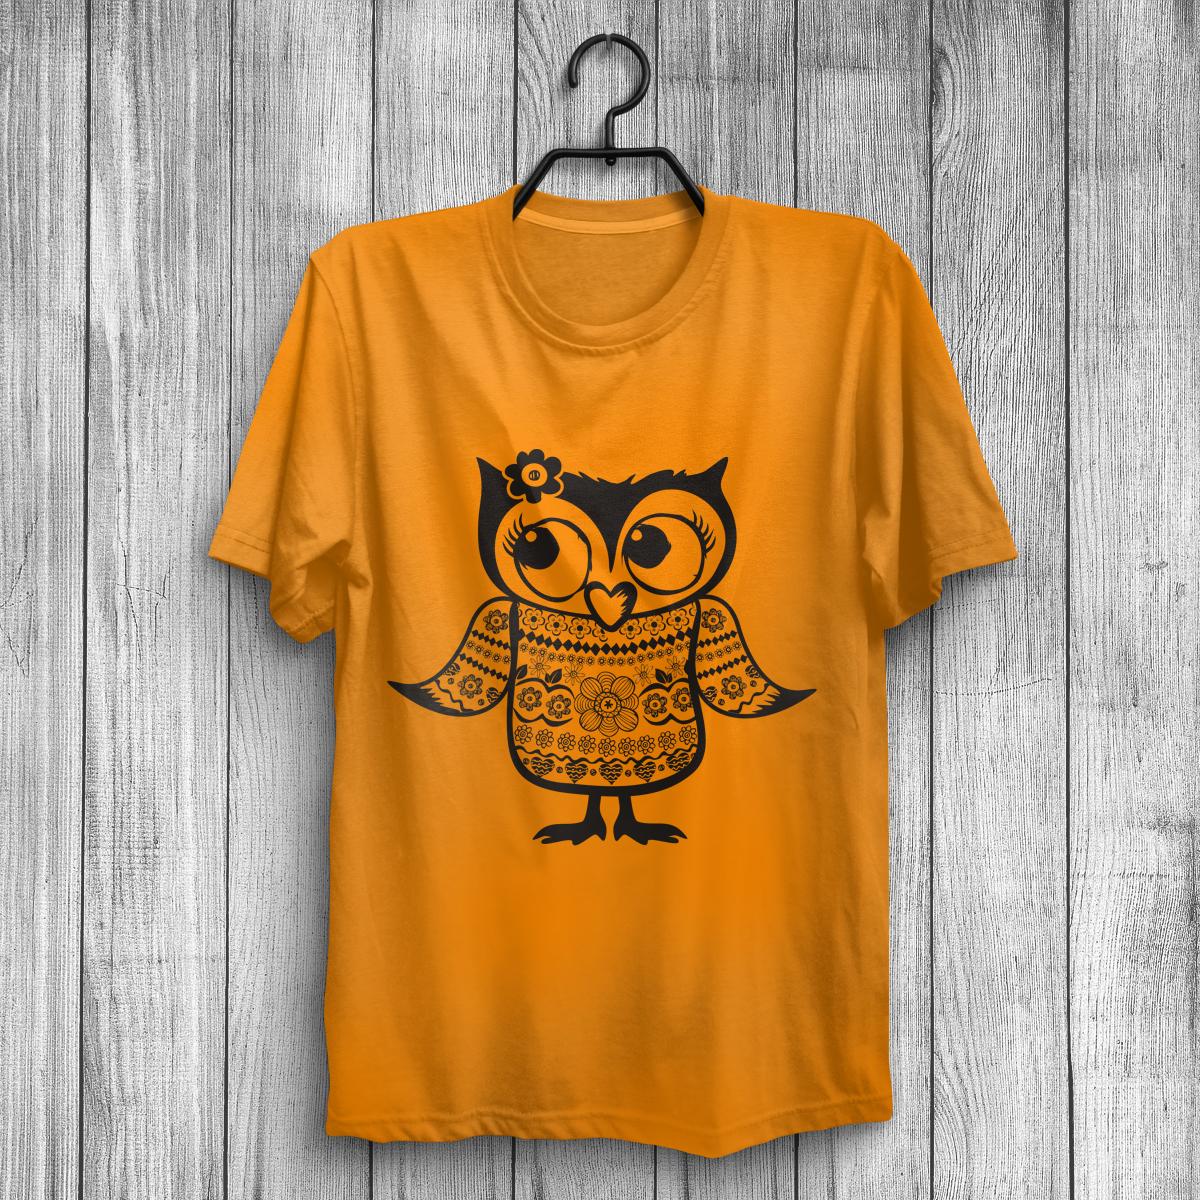 owl owls print prints t-shirt tshirt tshirts совы сова Совушка